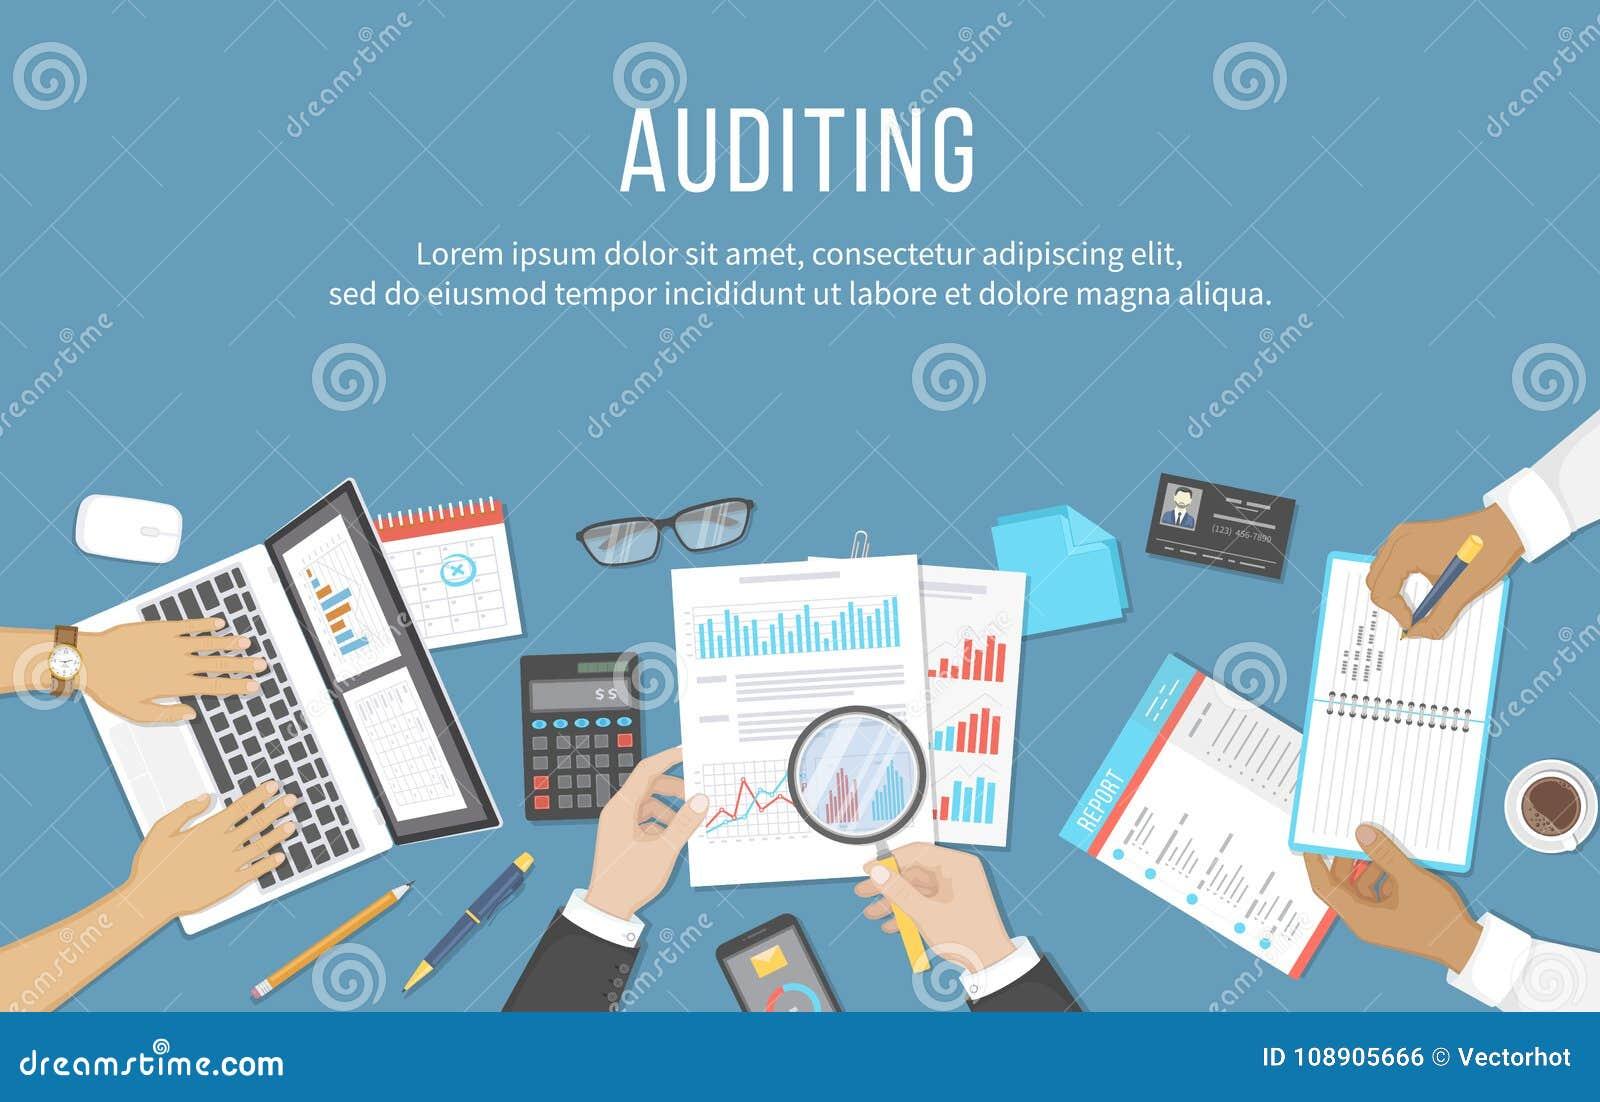 Reunión de negocios, auditoría, cálculo, análisis de datos, información, contabilidad Gente en el escritorio en el trabajo